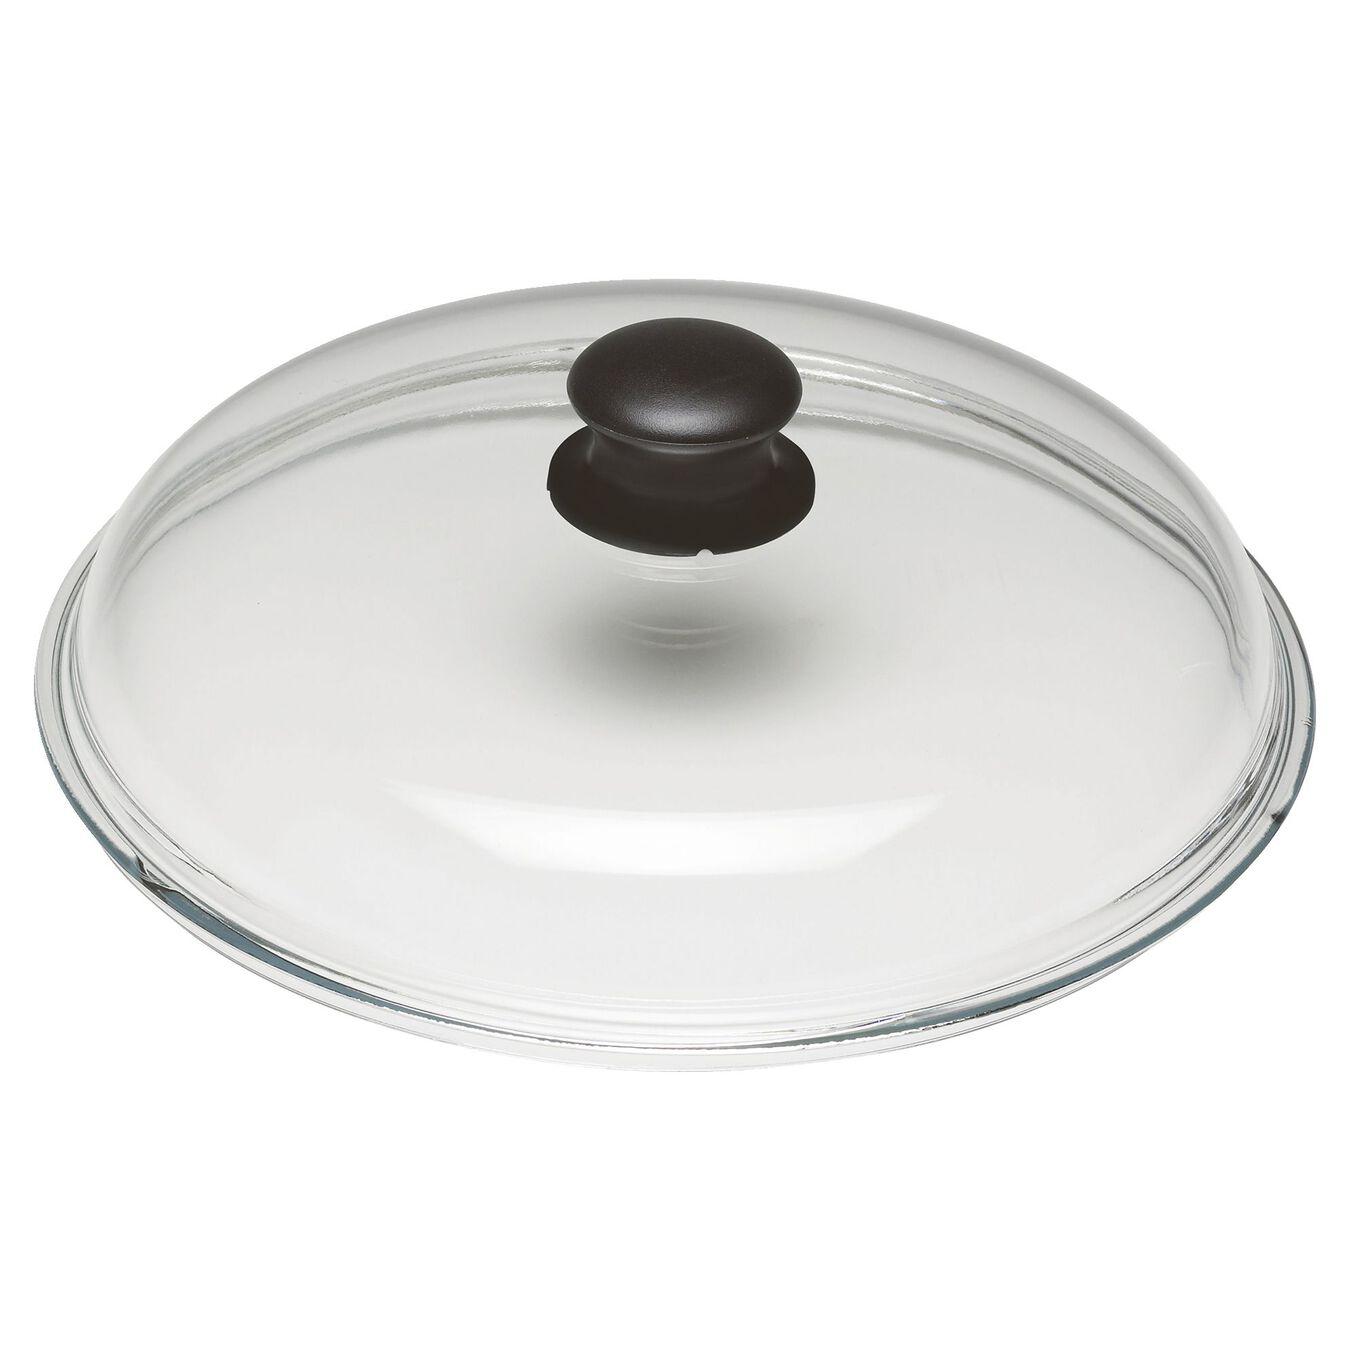 Coperchio - 16 cm, vetro,,large 1